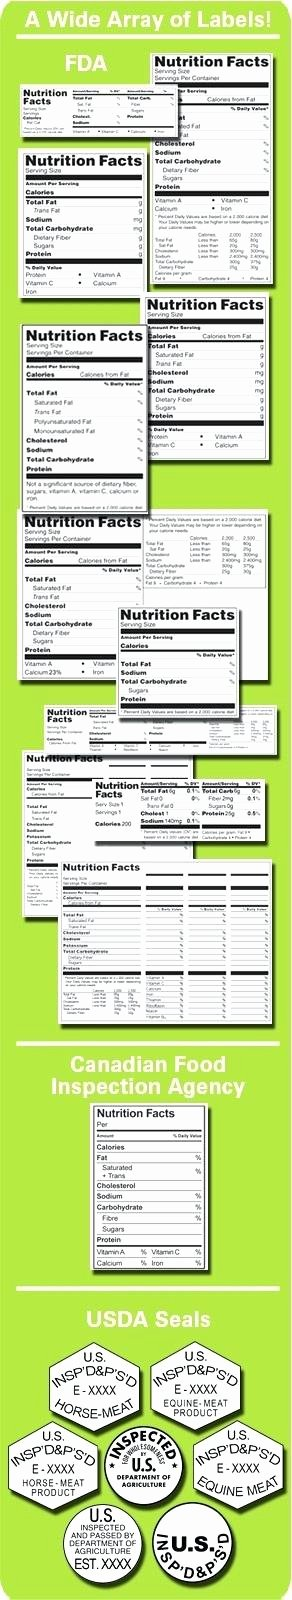 Supplement Facts Label Template Unique Nutrition Facts Label Template Google Docs